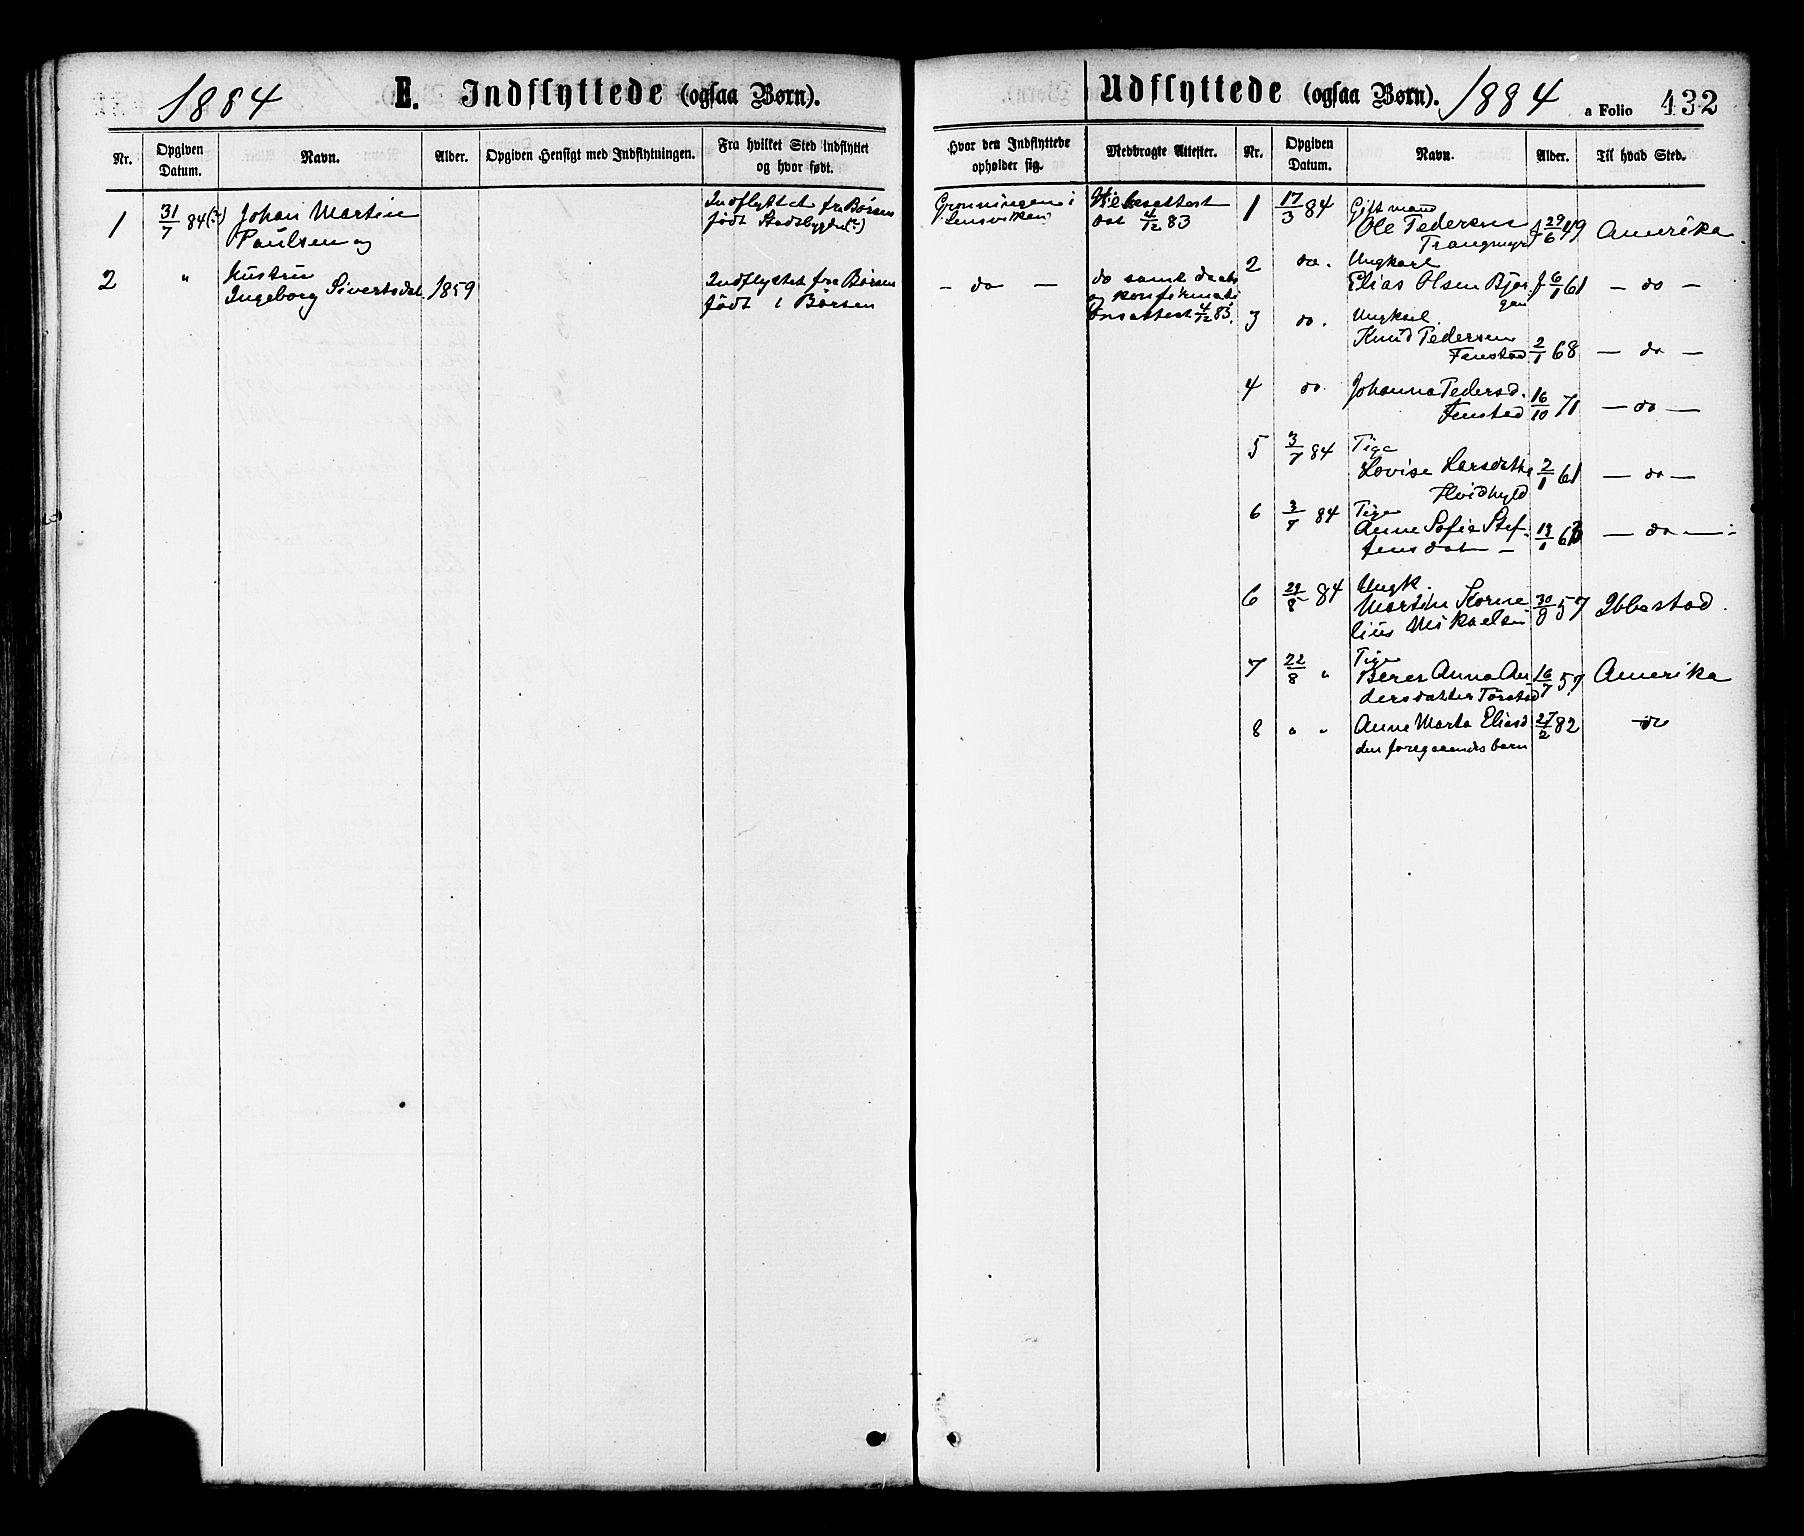 SAT, Ministerialprotokoller, klokkerbøker og fødselsregistre - Sør-Trøndelag, 646/L0613: Ministerialbok nr. 646A11, 1870-1884, s. 432